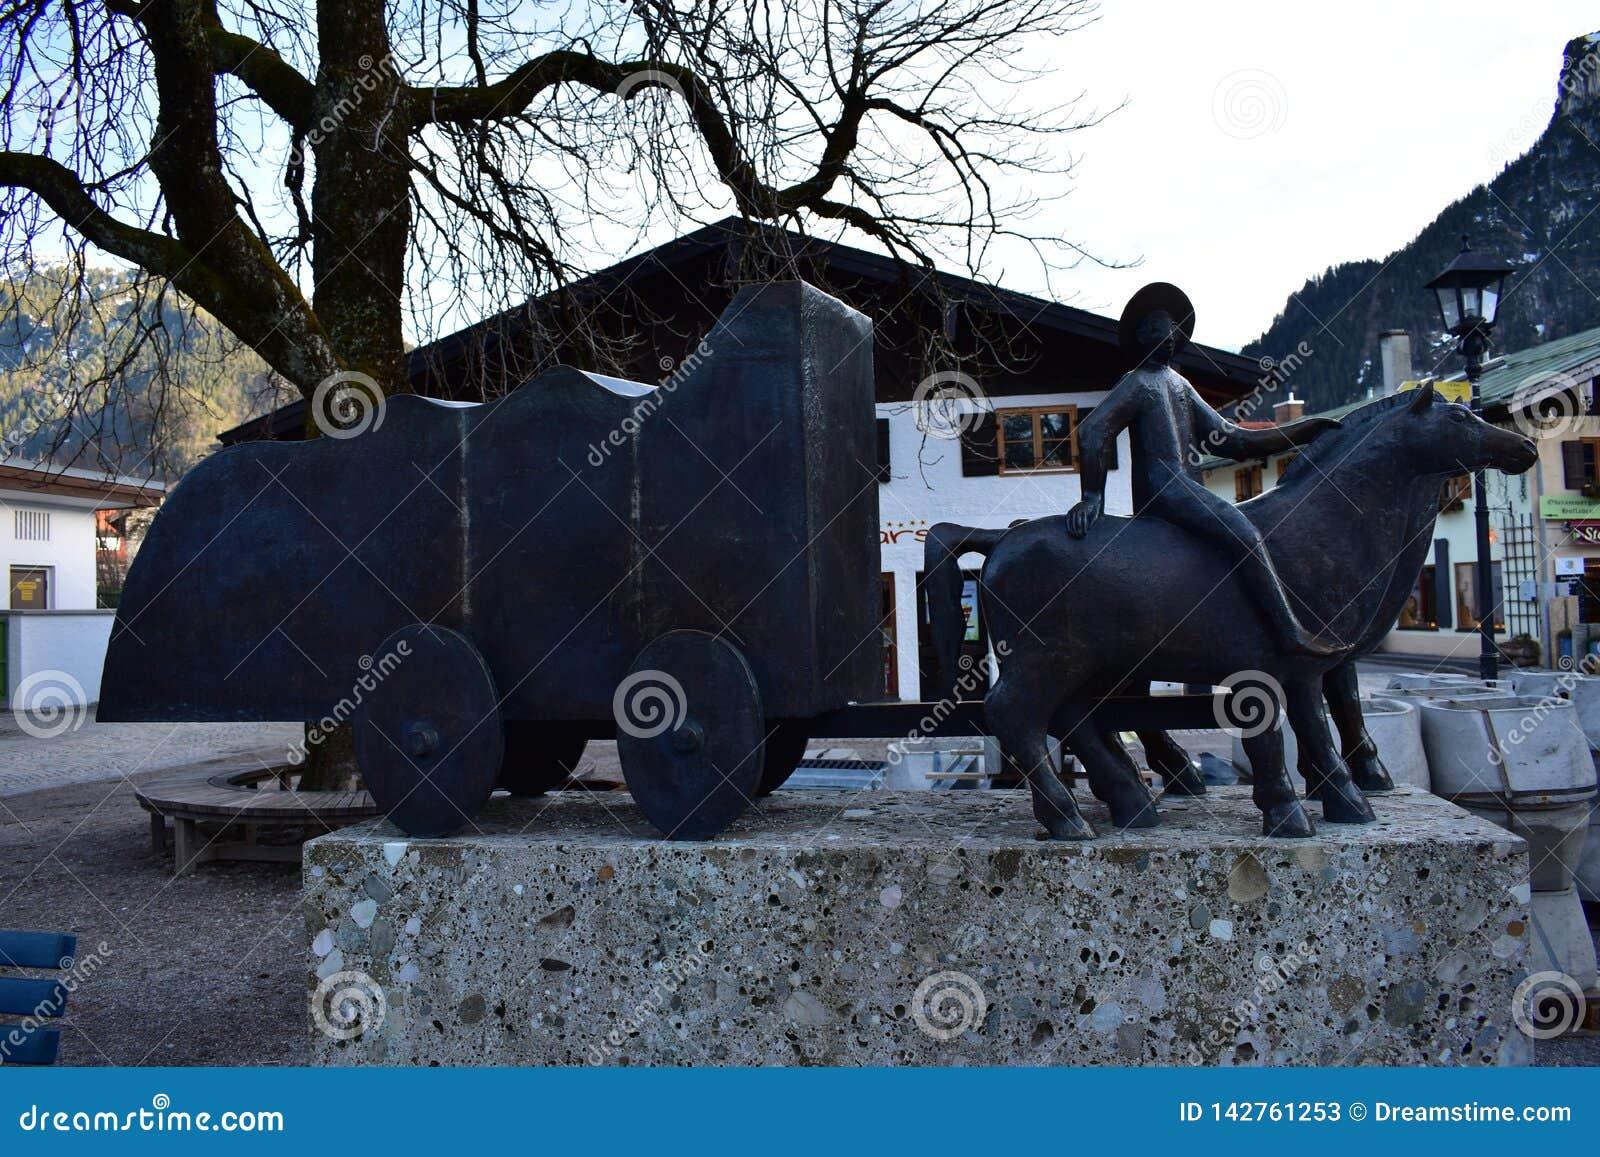 Bronze statue in Oberammergau showing a carriage